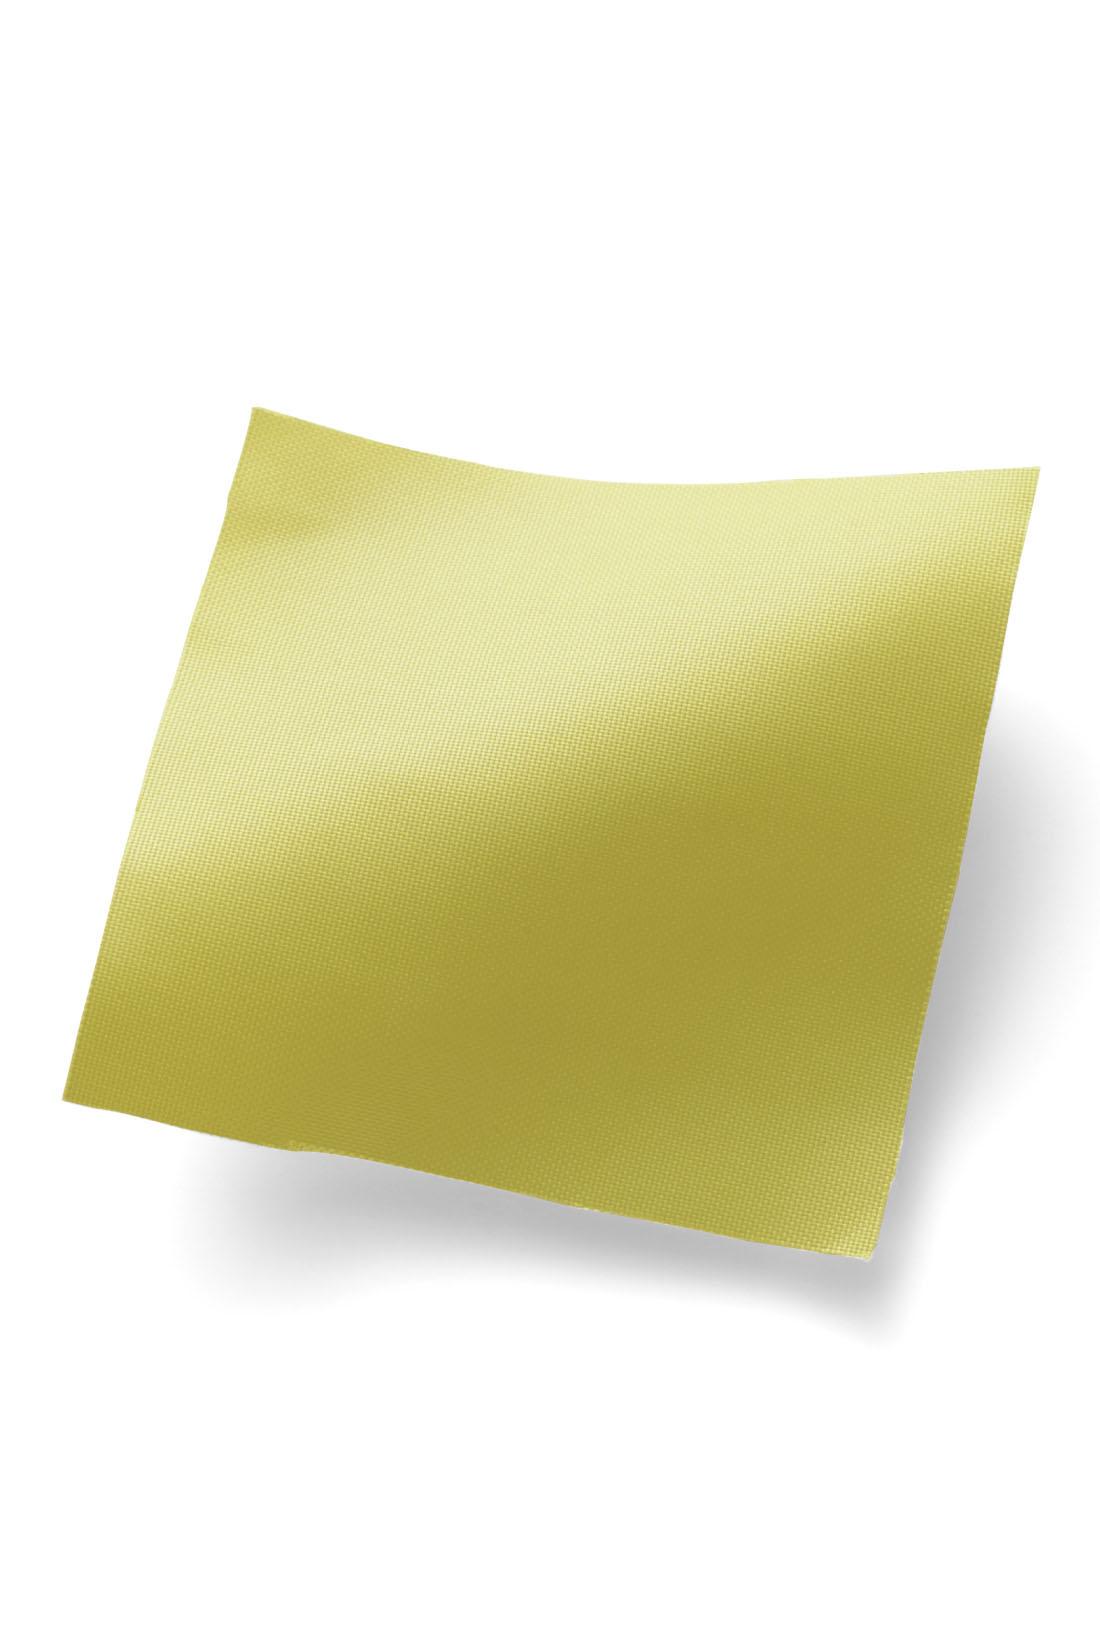 汚れが気になりにくい薄軽ポリエステル素材。 ※お届けするカラーとは異なります。